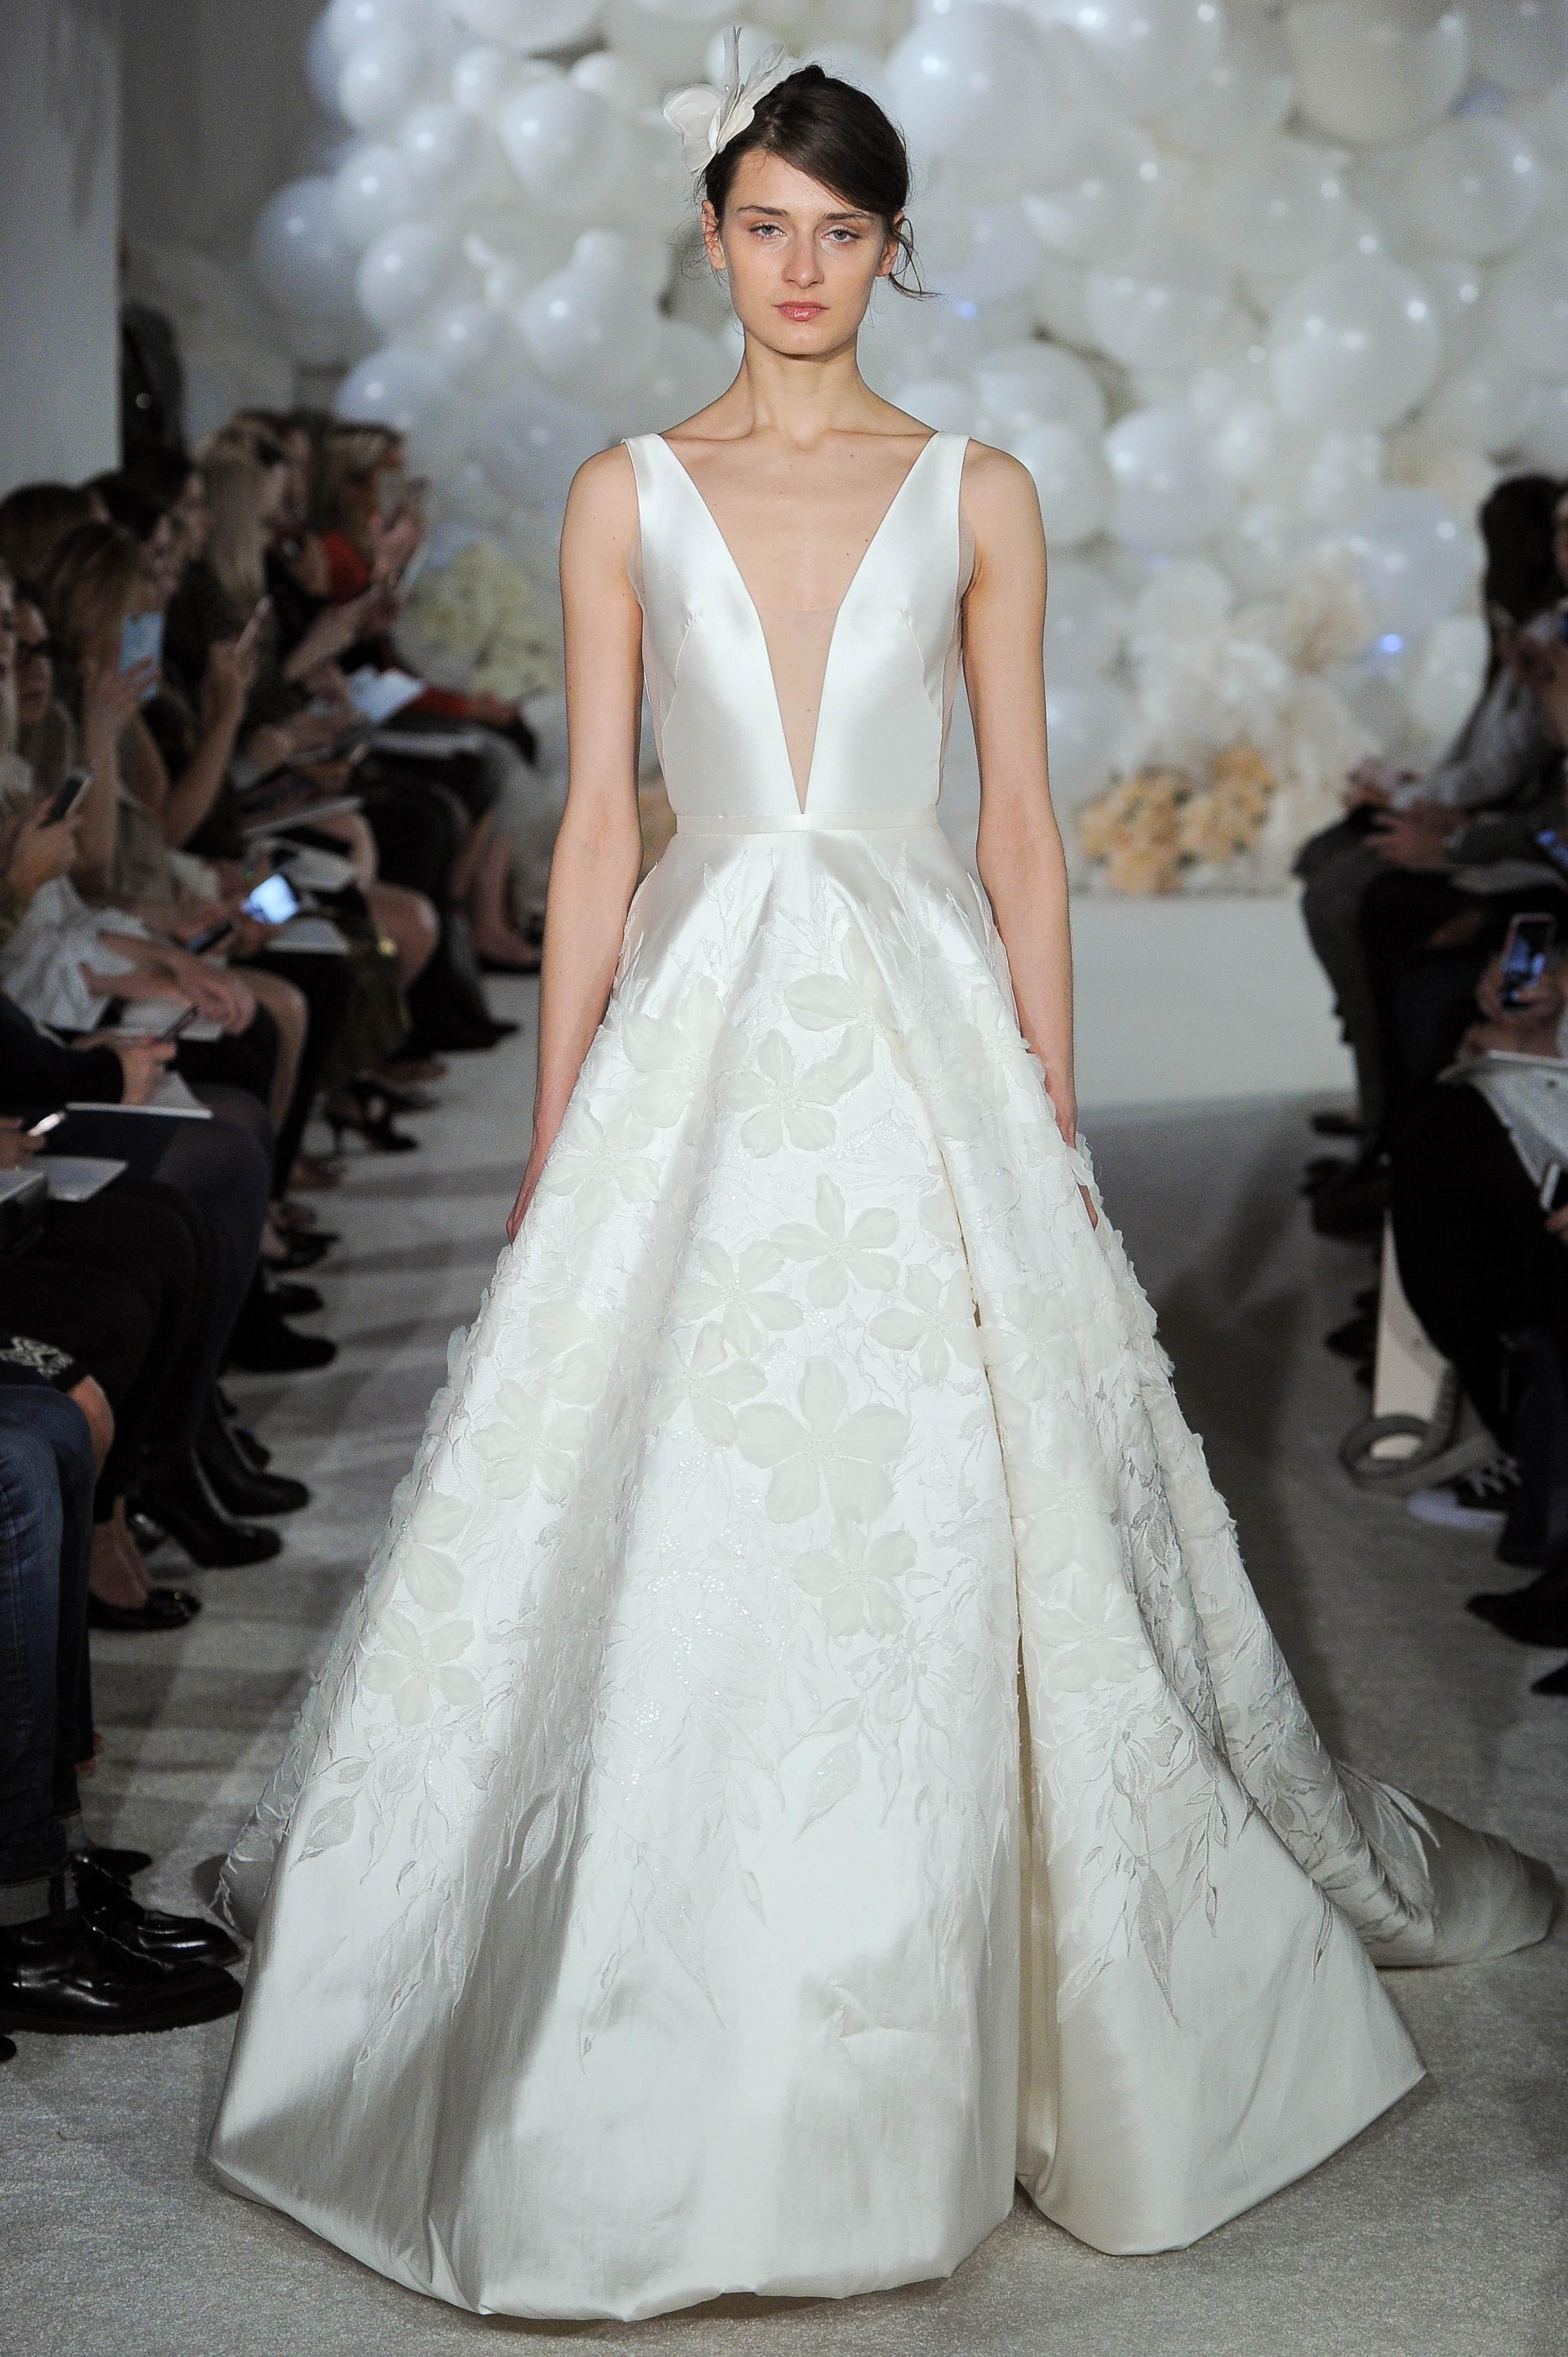 mira zwillinger wedding dress spring 2018 v-neck